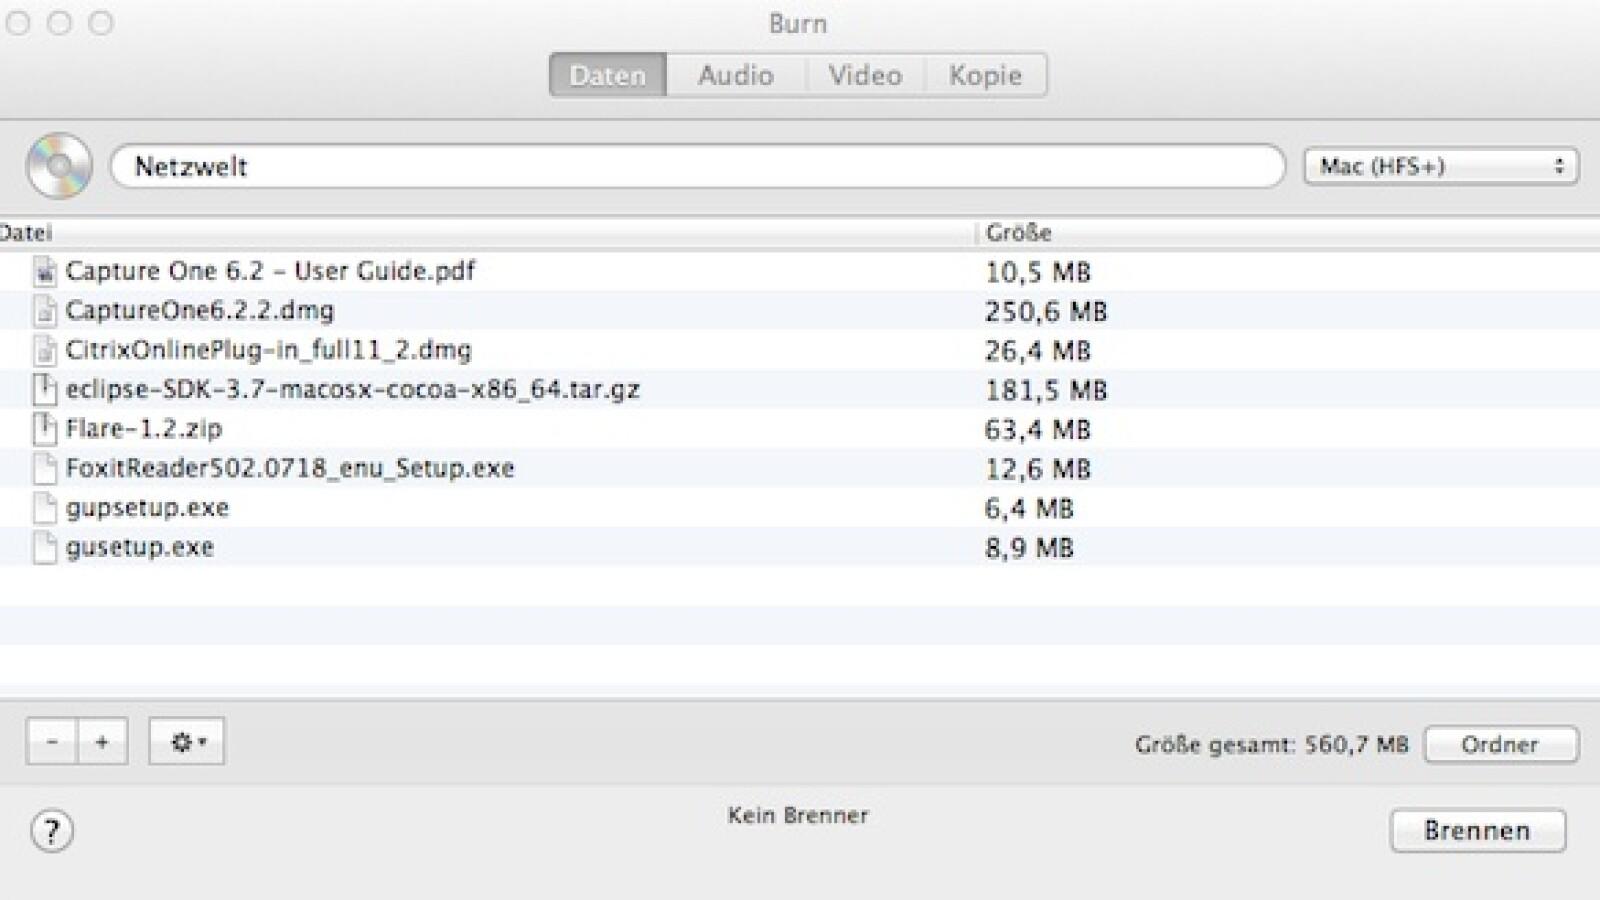 Kostenloses Brennprogramm Mac